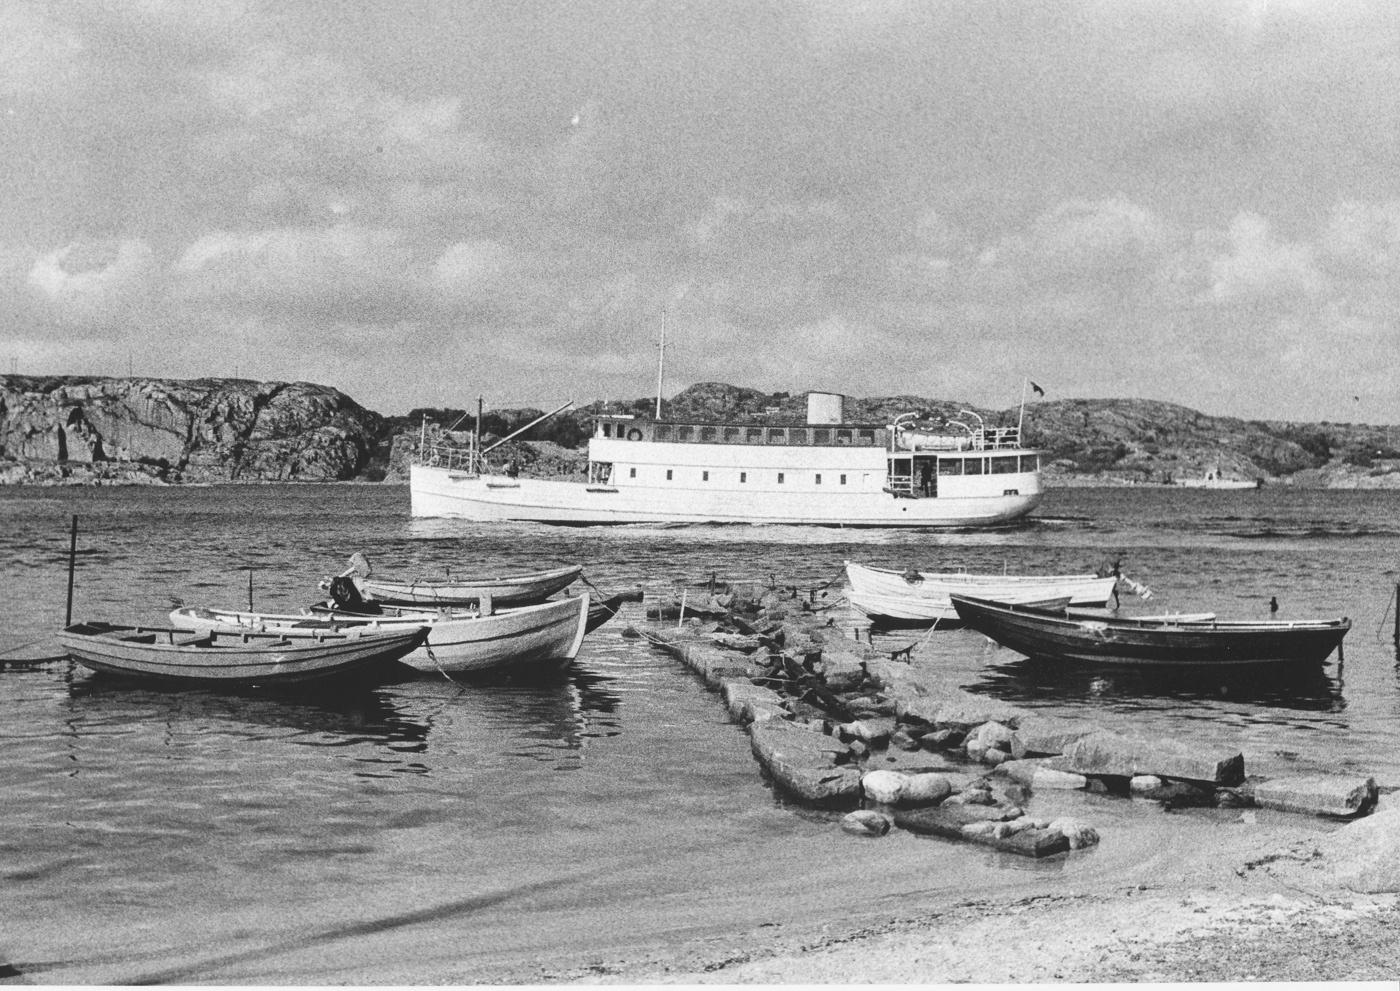 Foto Claes Funck. Soten i Stallerännan 1967.